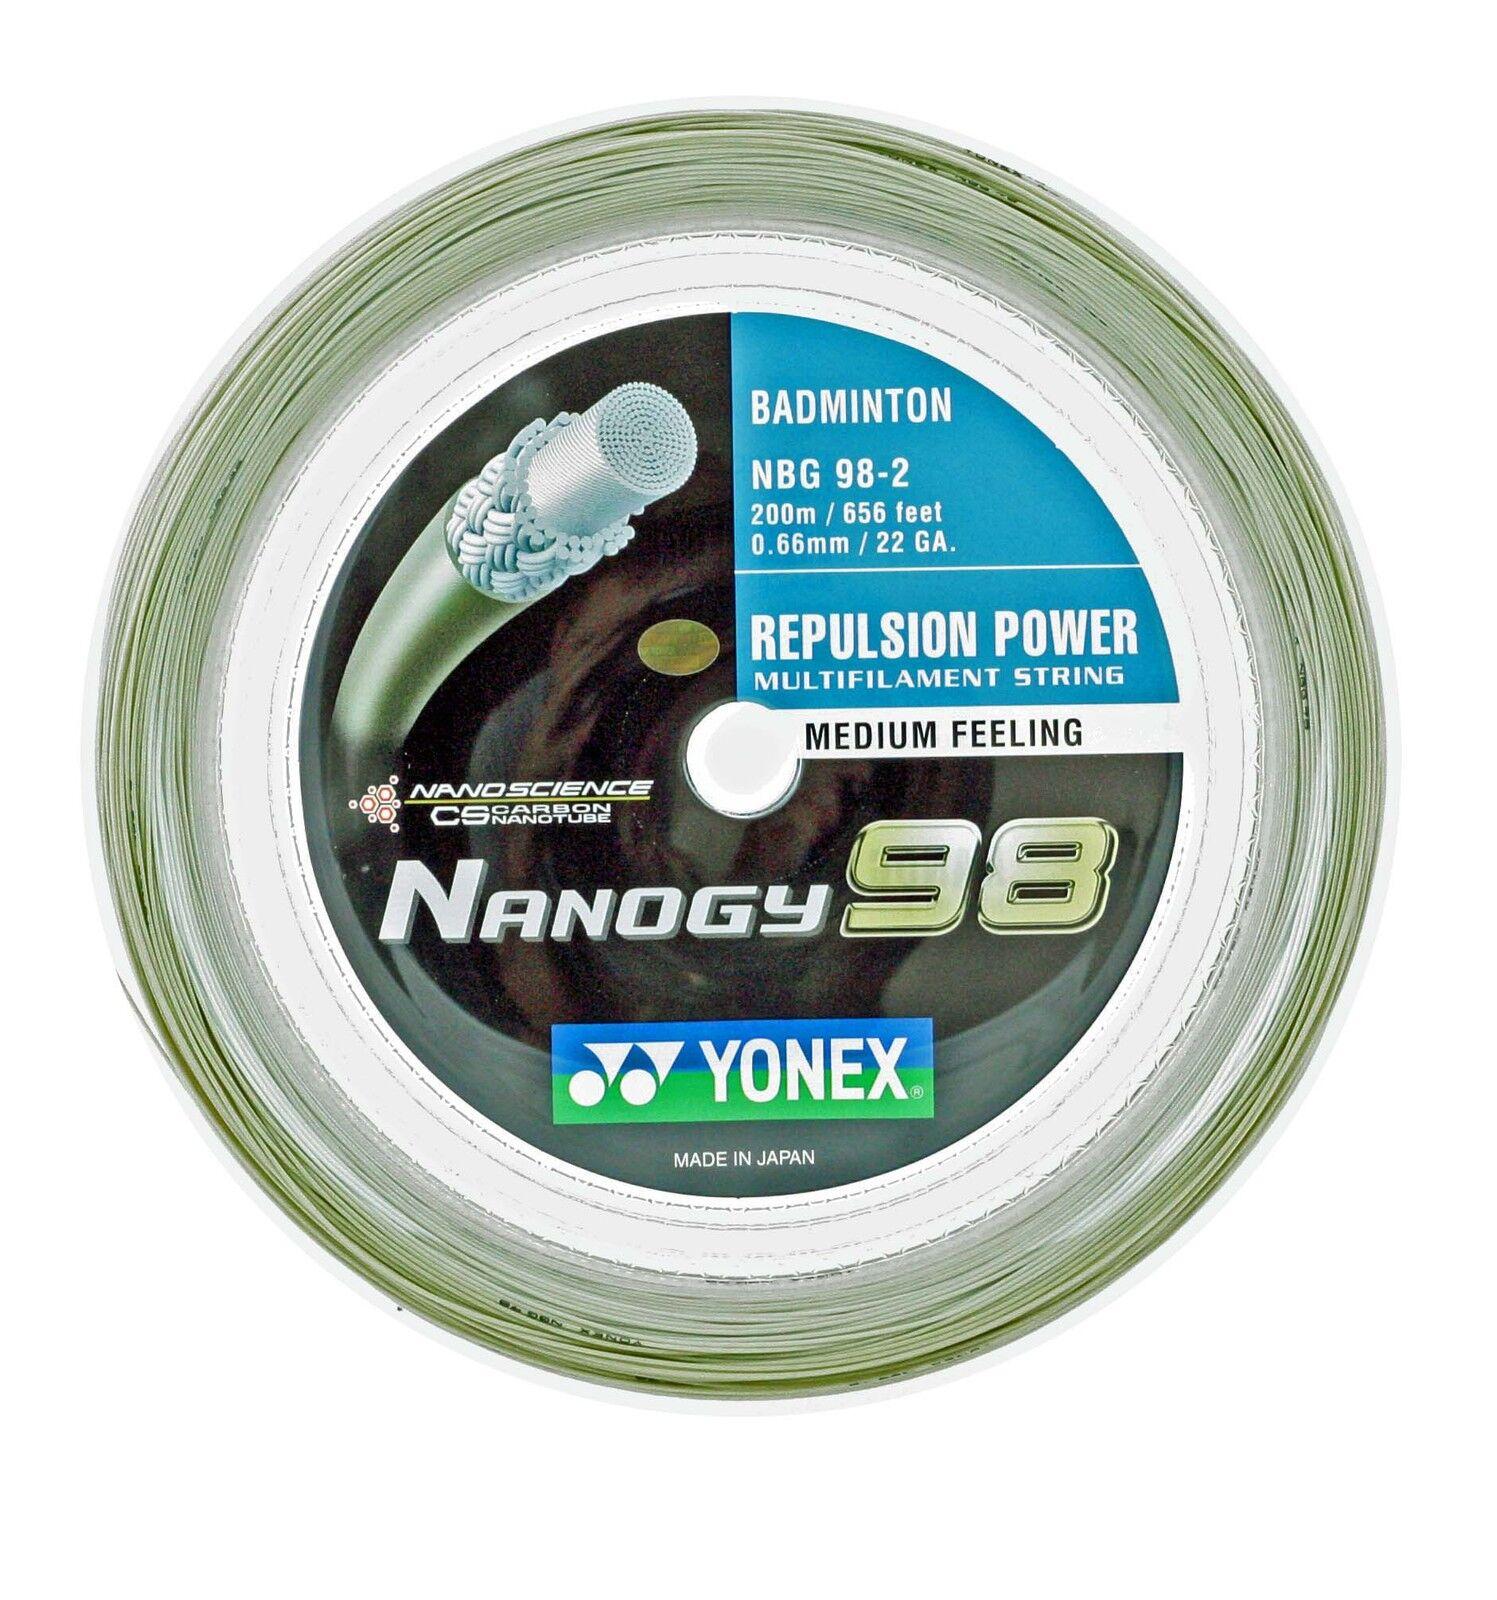 Genuine Yonex NBG98 Nanogy 98 98 Nanogy Badminton String - 200m Reel - Cosmic Gold 1696df